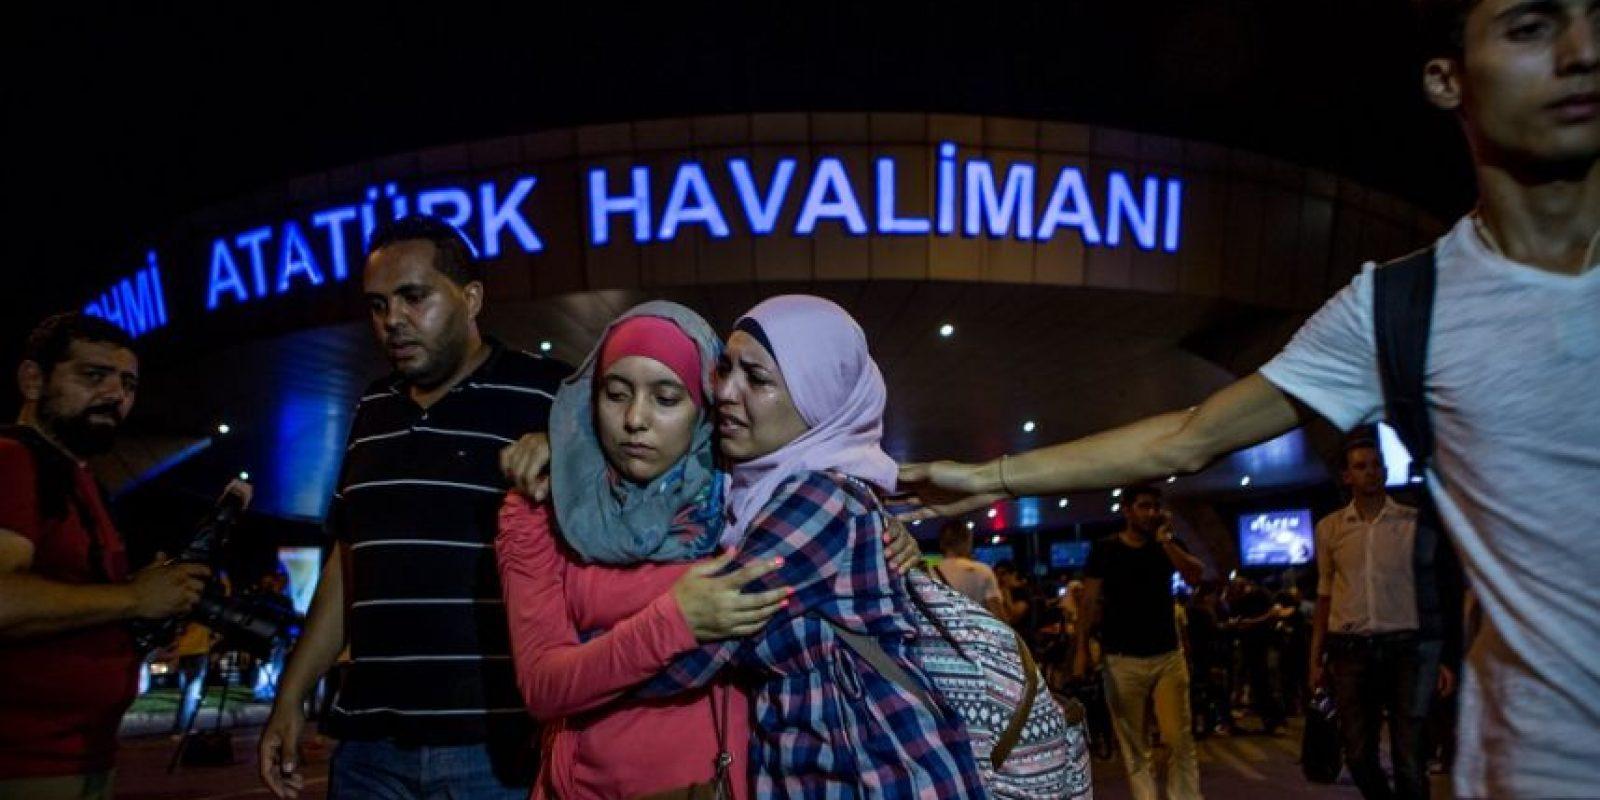 El experto cree que terminar con el terrorismo es una tarea muy difícil Foto:Getty Images